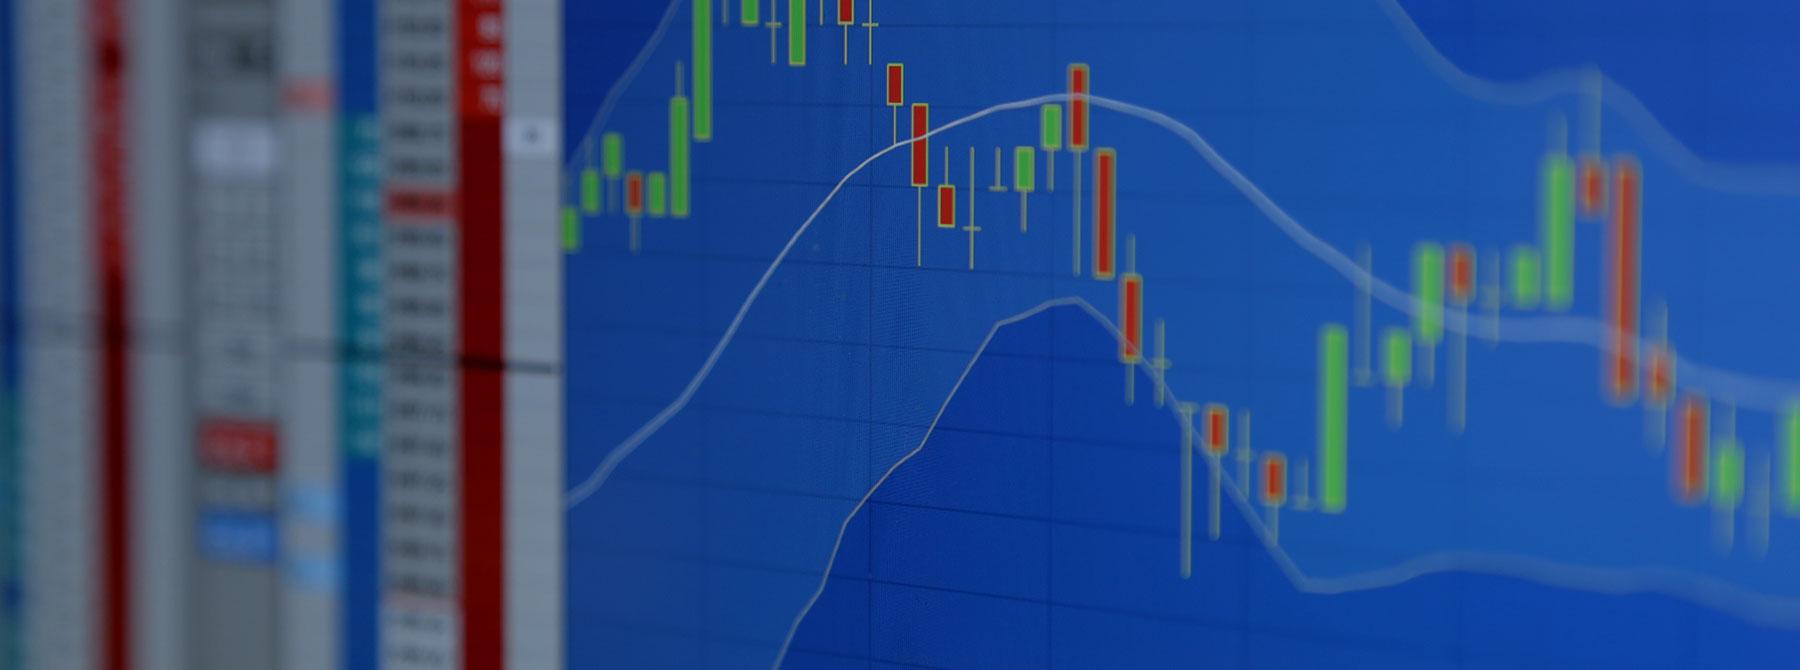 TT Futures Trading Platform | Trading Technologies